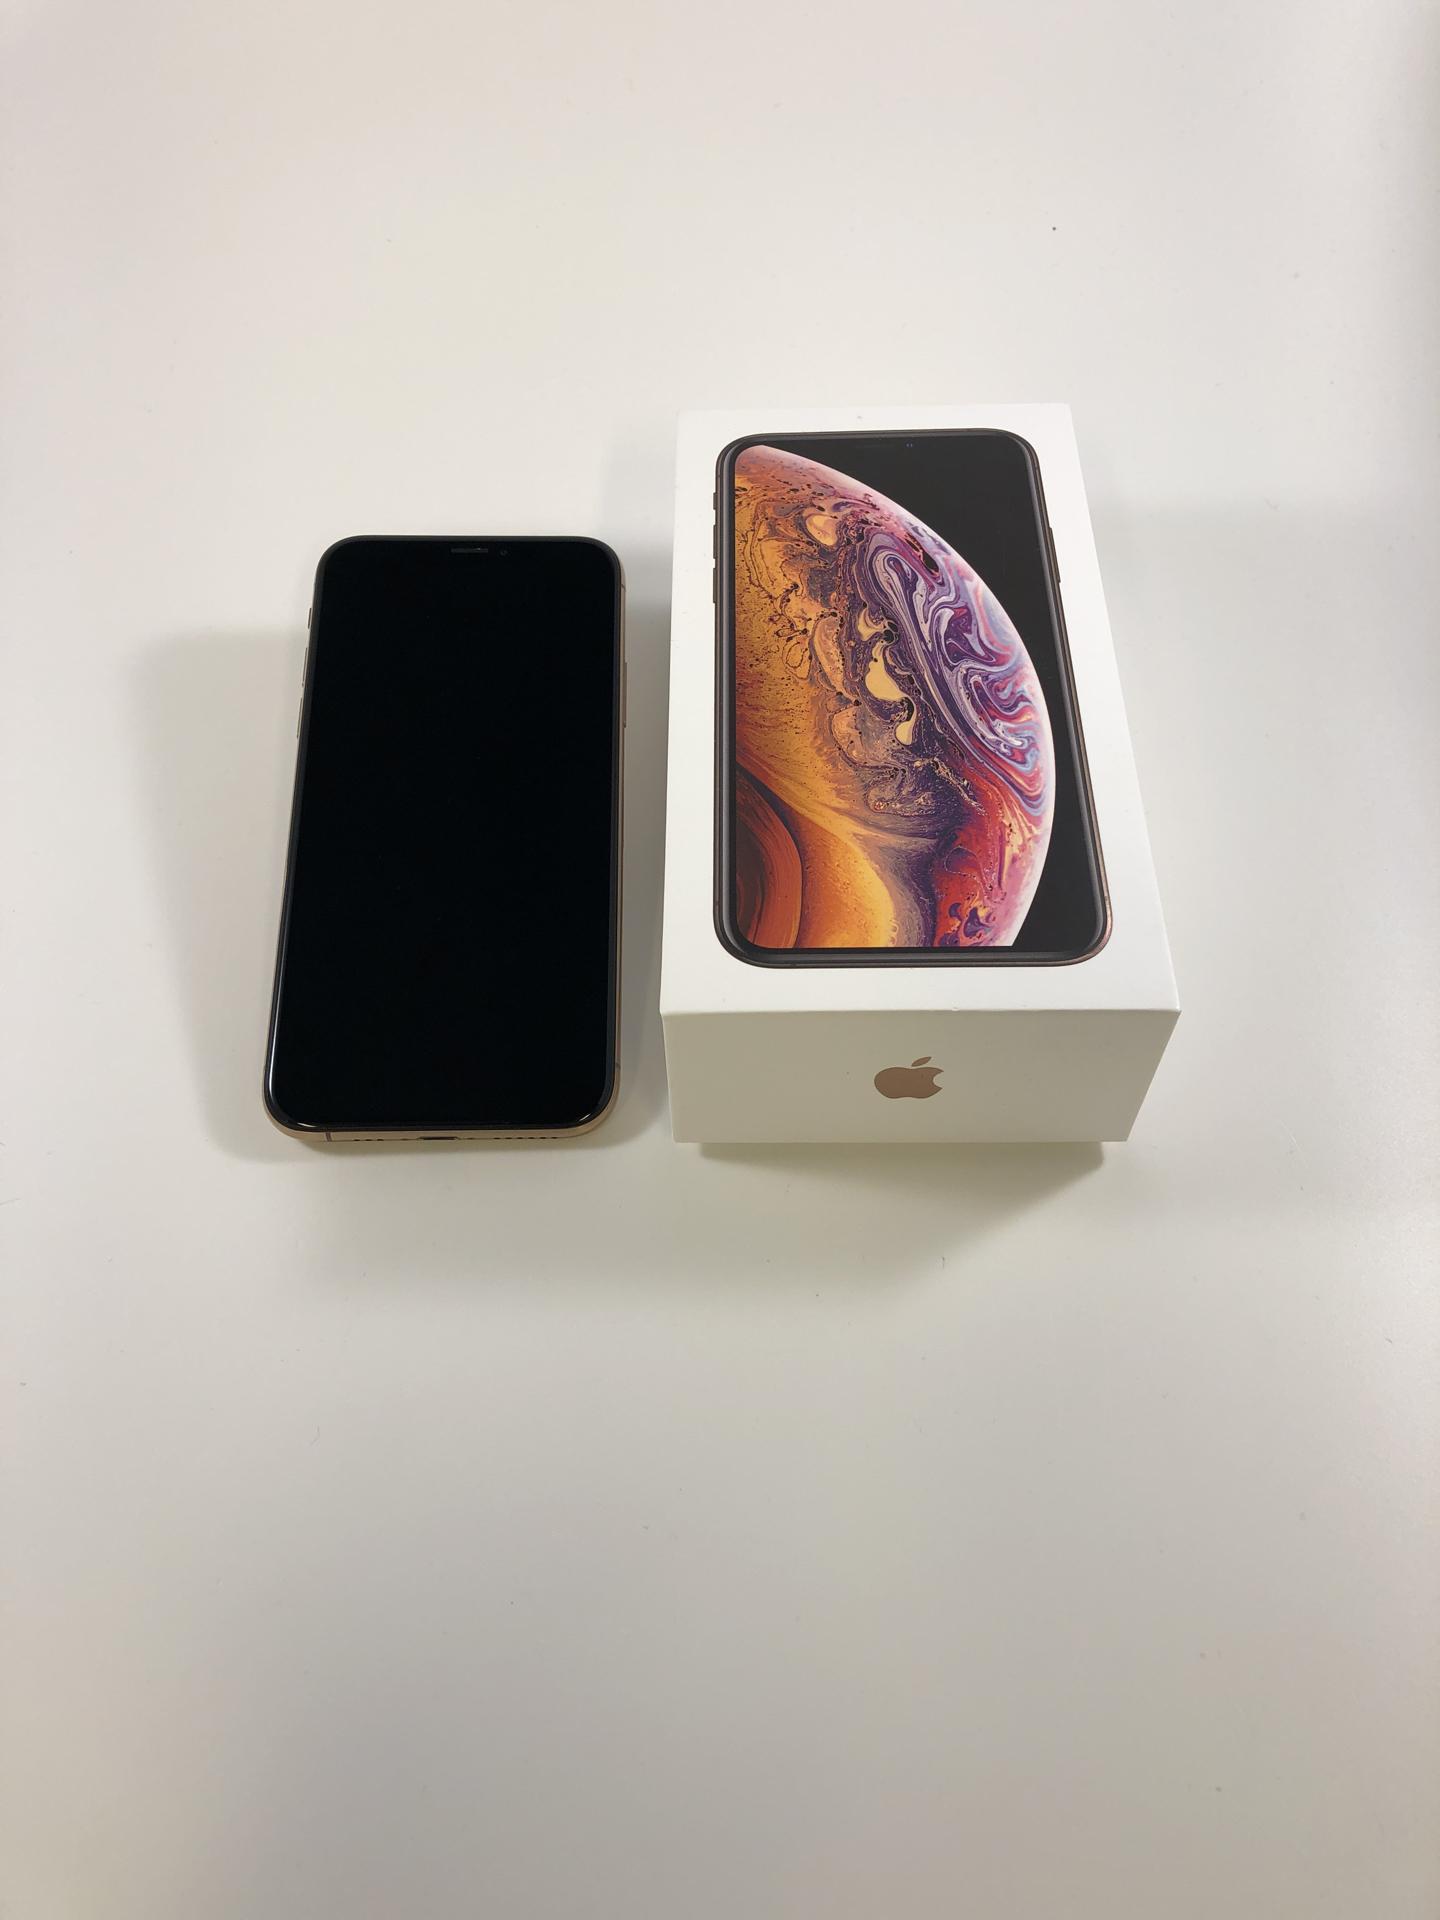 iPhone XS 256GB, 256GB, Gold, image 1